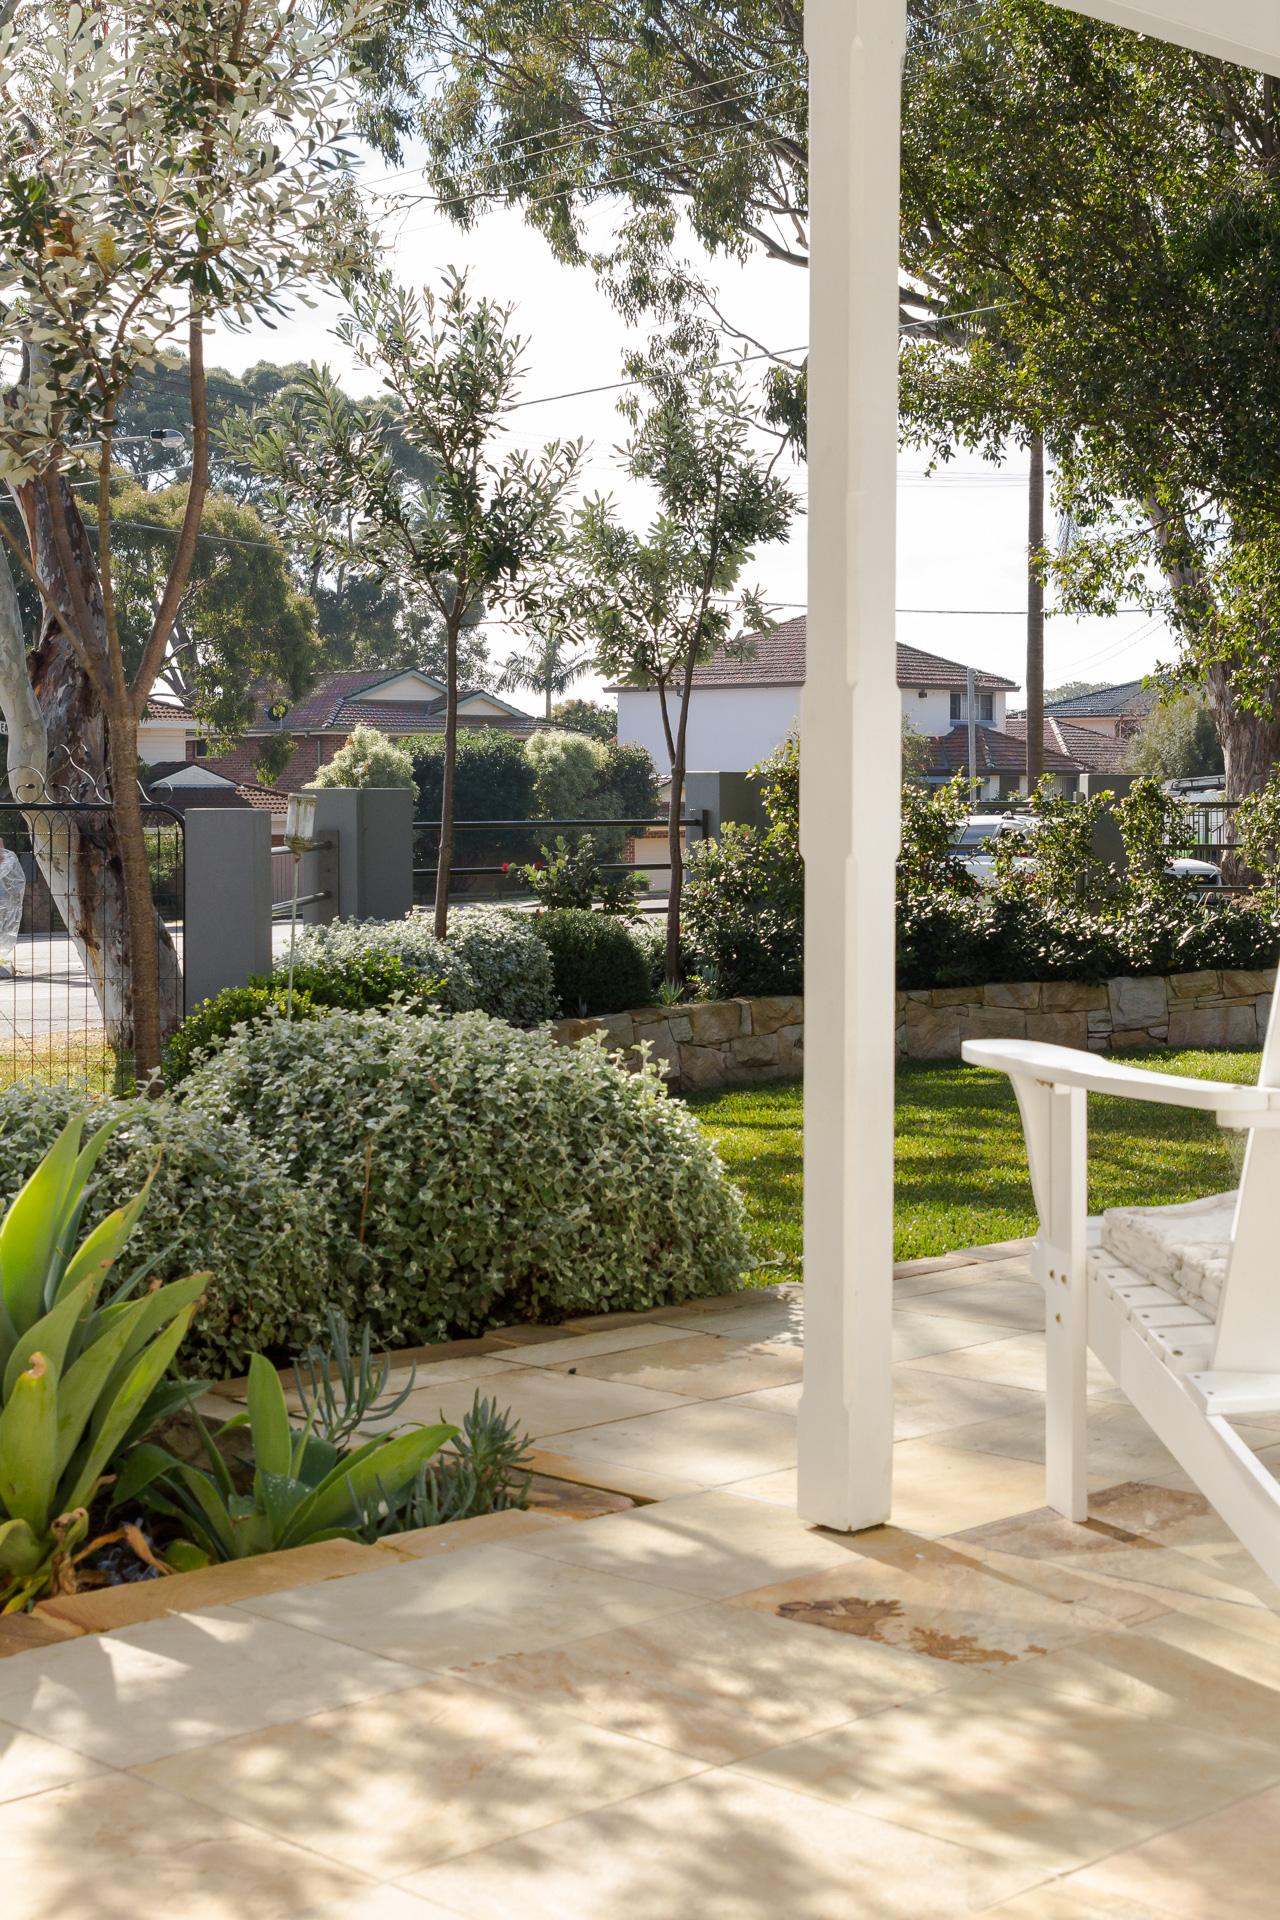 cronulla_residential_garden_design 1.jpg